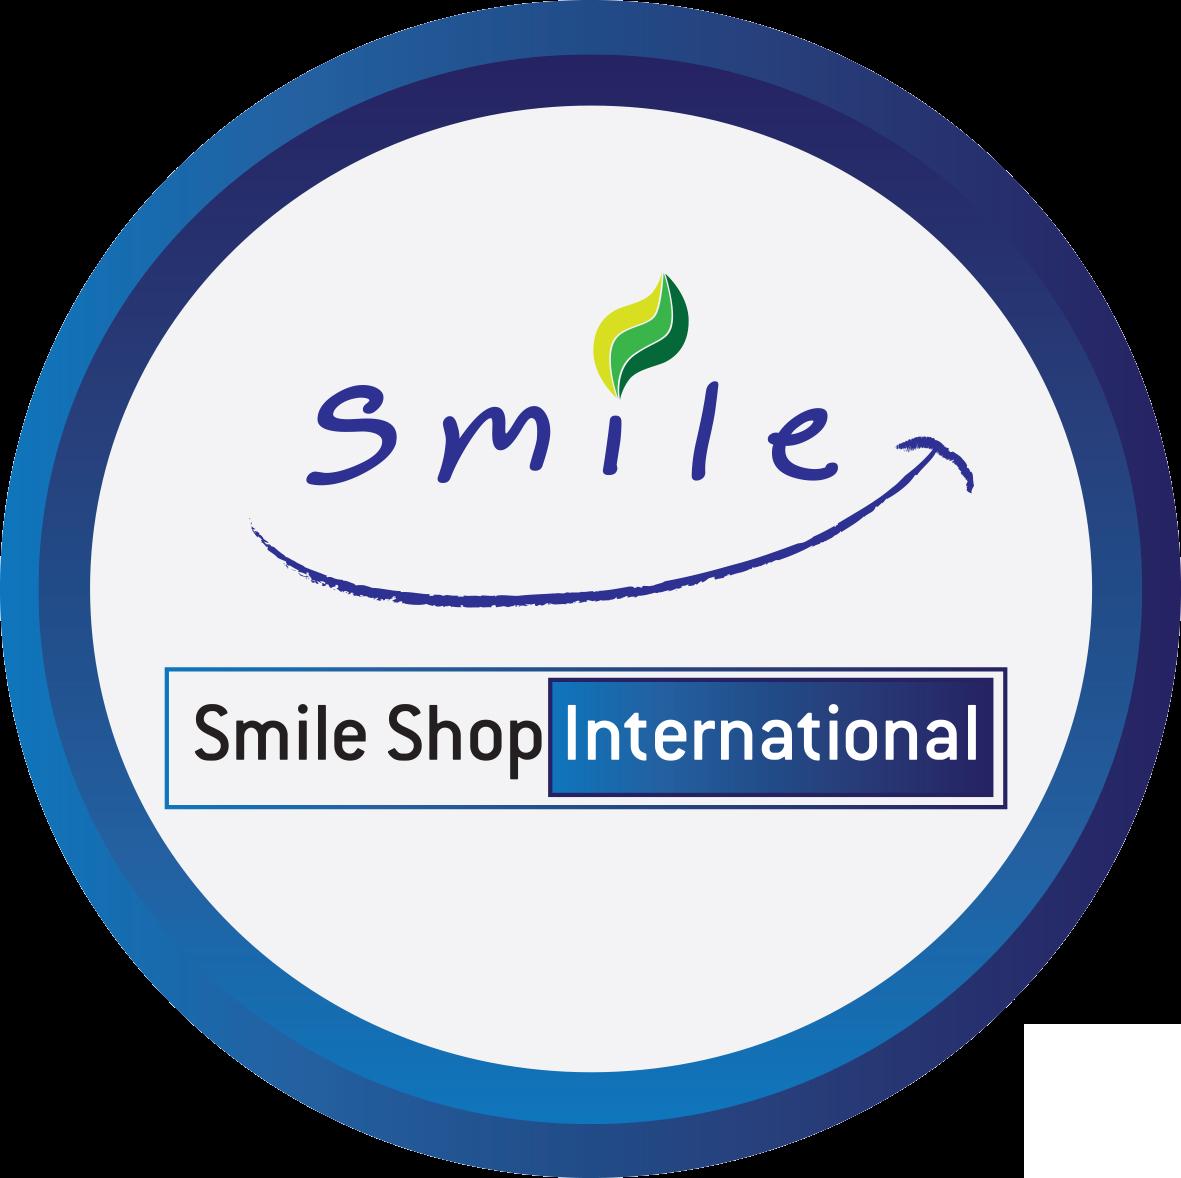 Smile Shop International